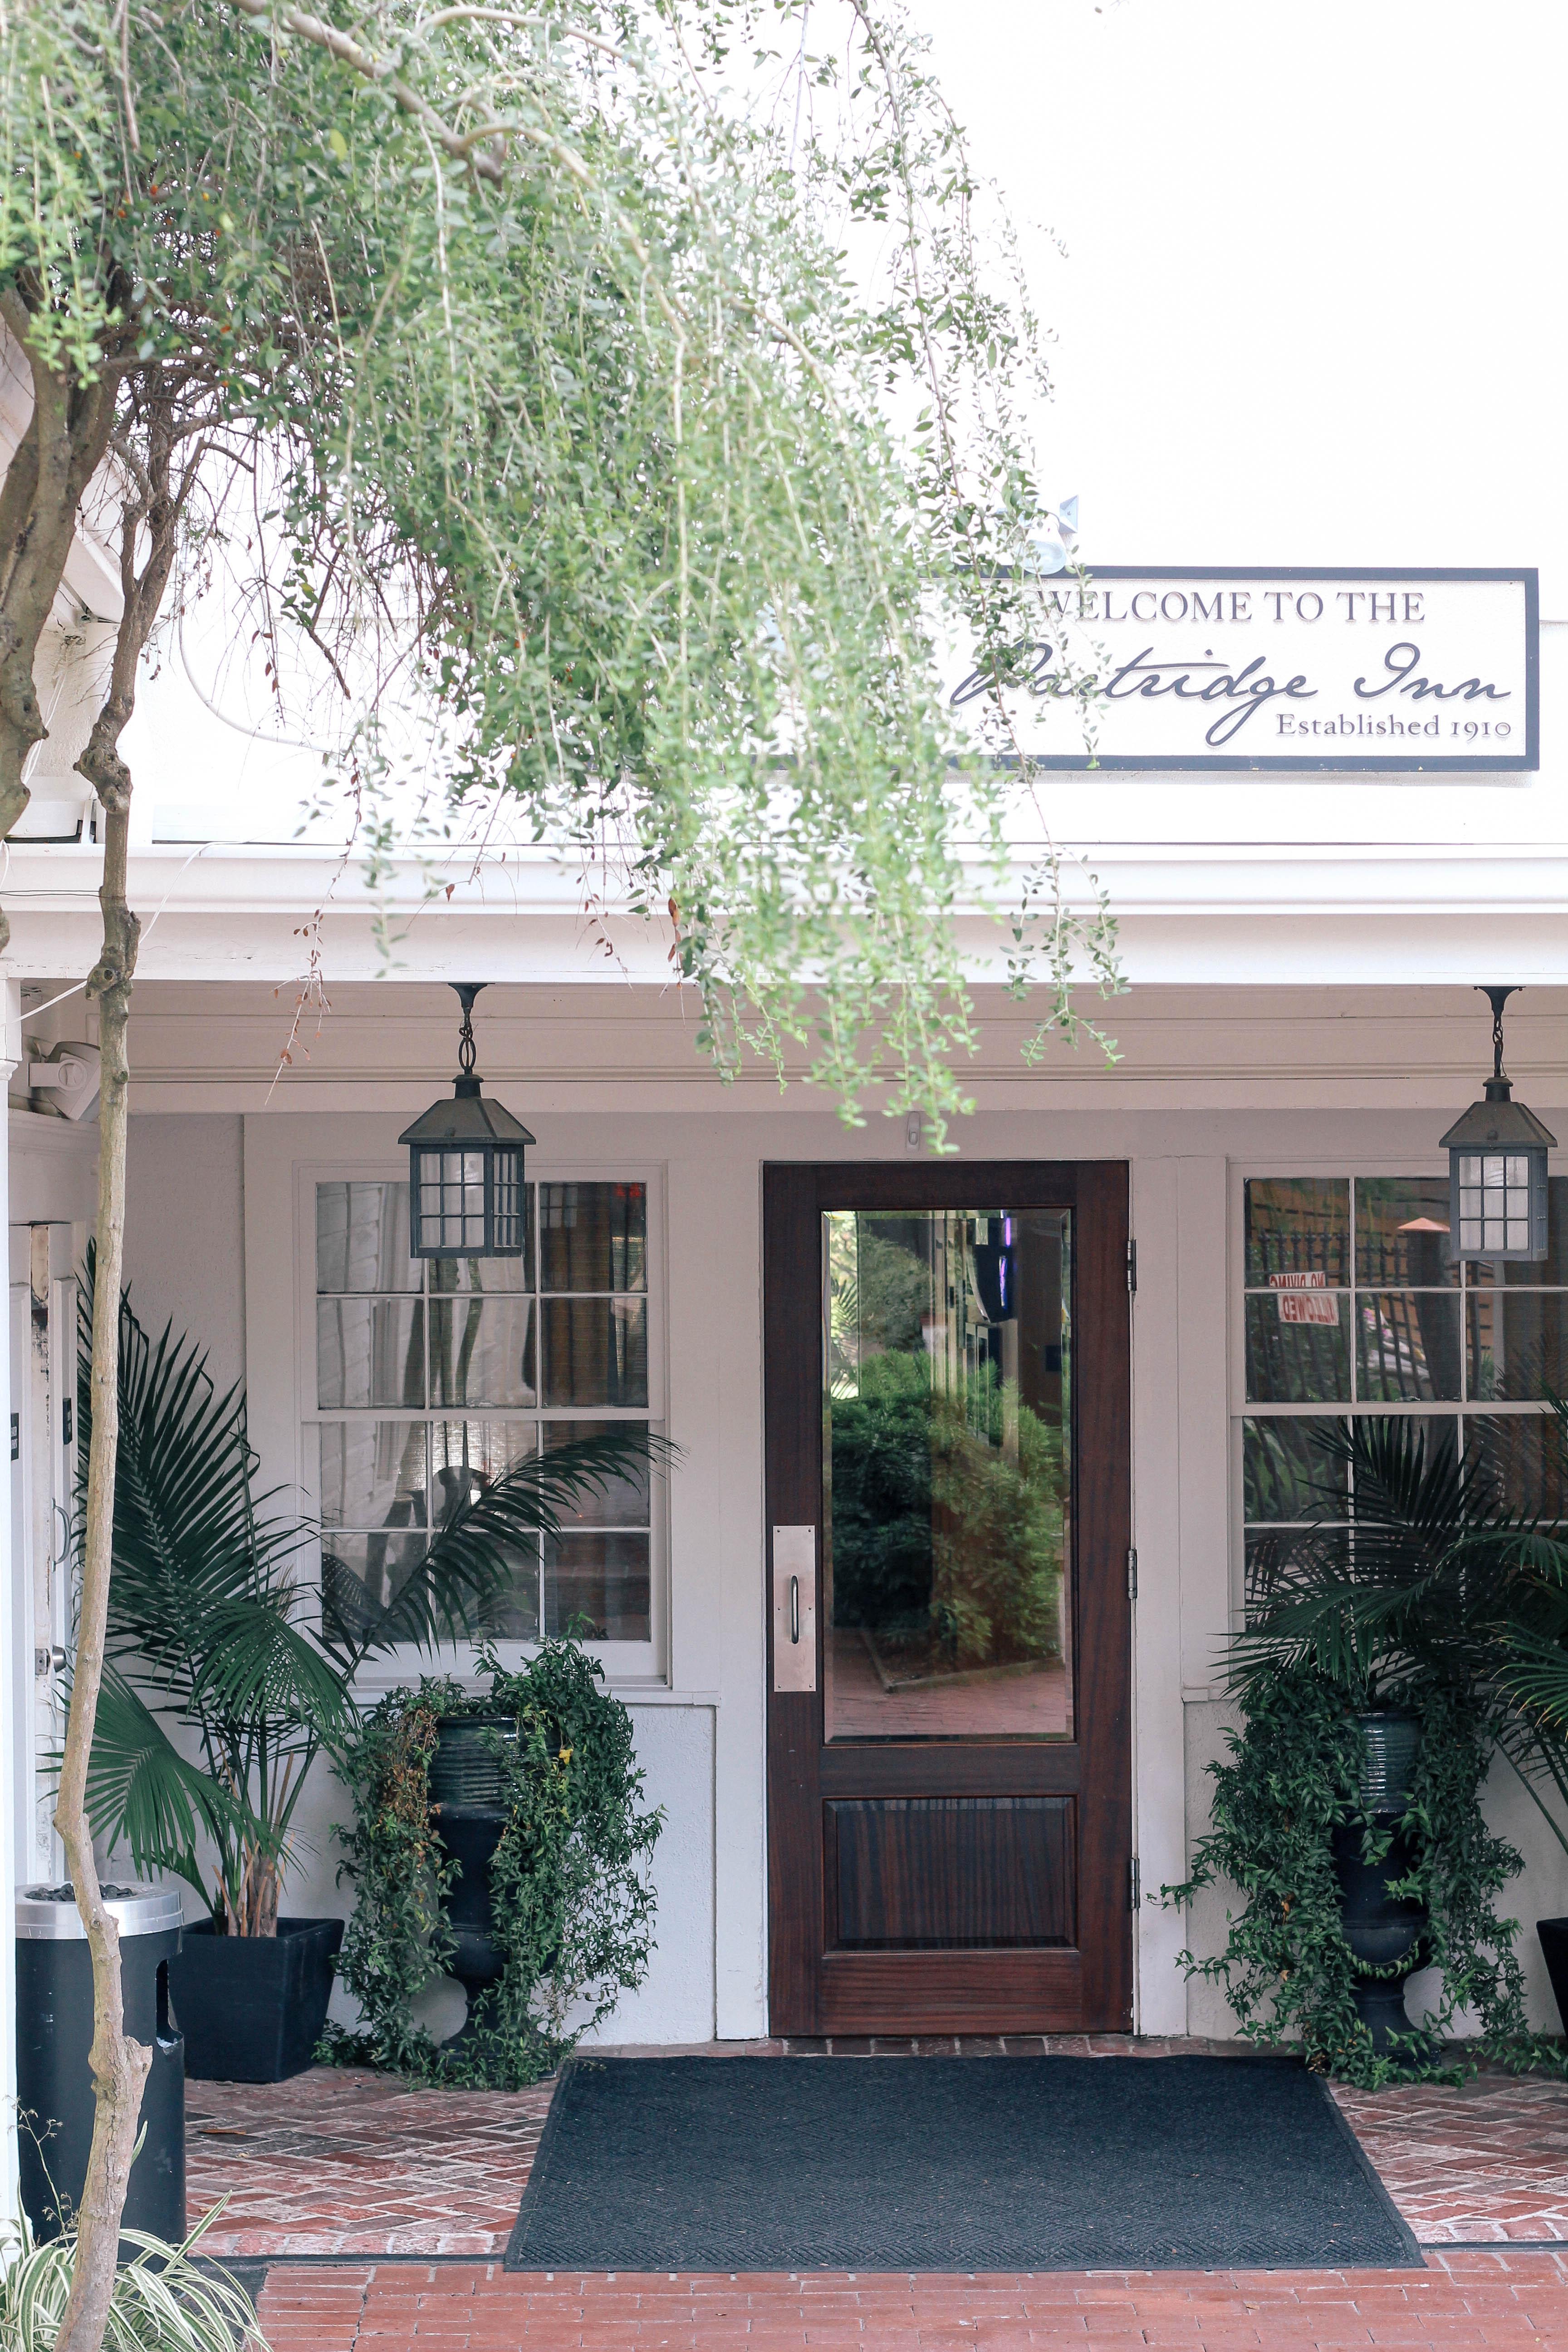 The-Partridge-Inn-Augusta-Georgia-Review-entry